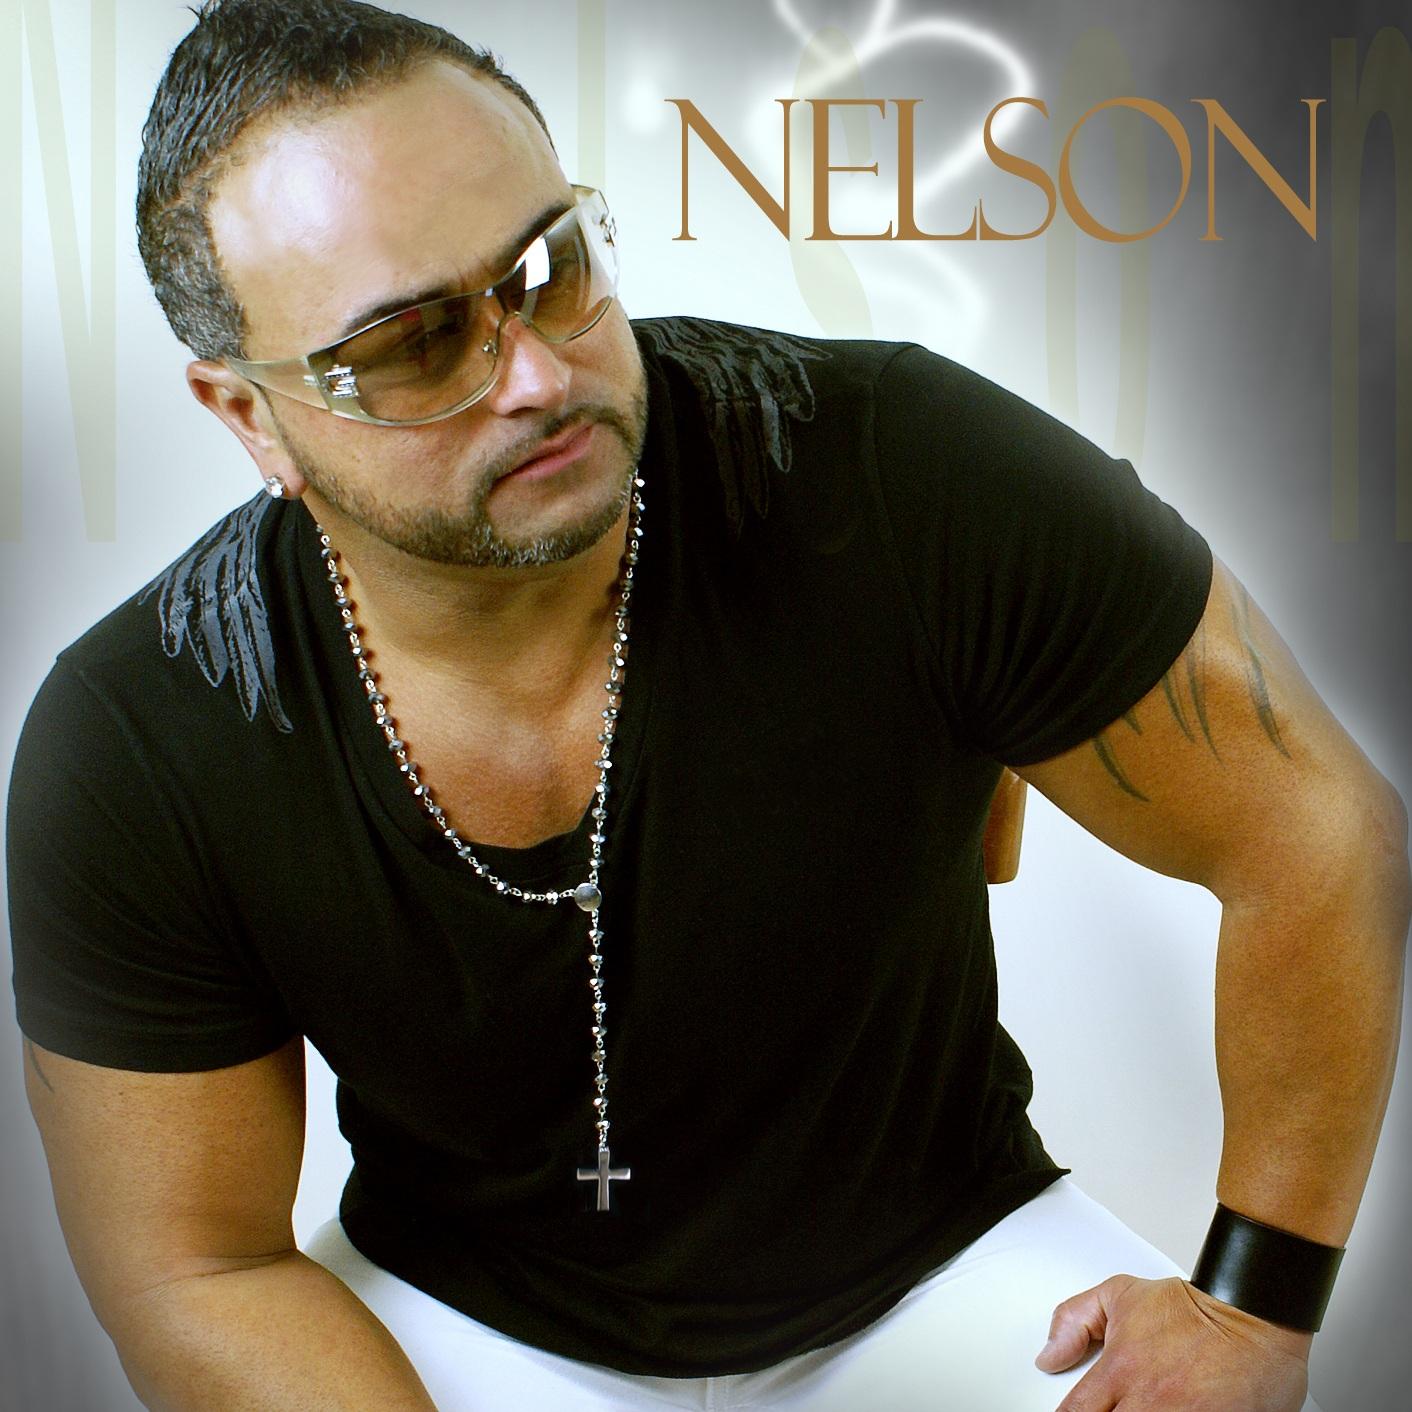 Nelson+Rego.jpg